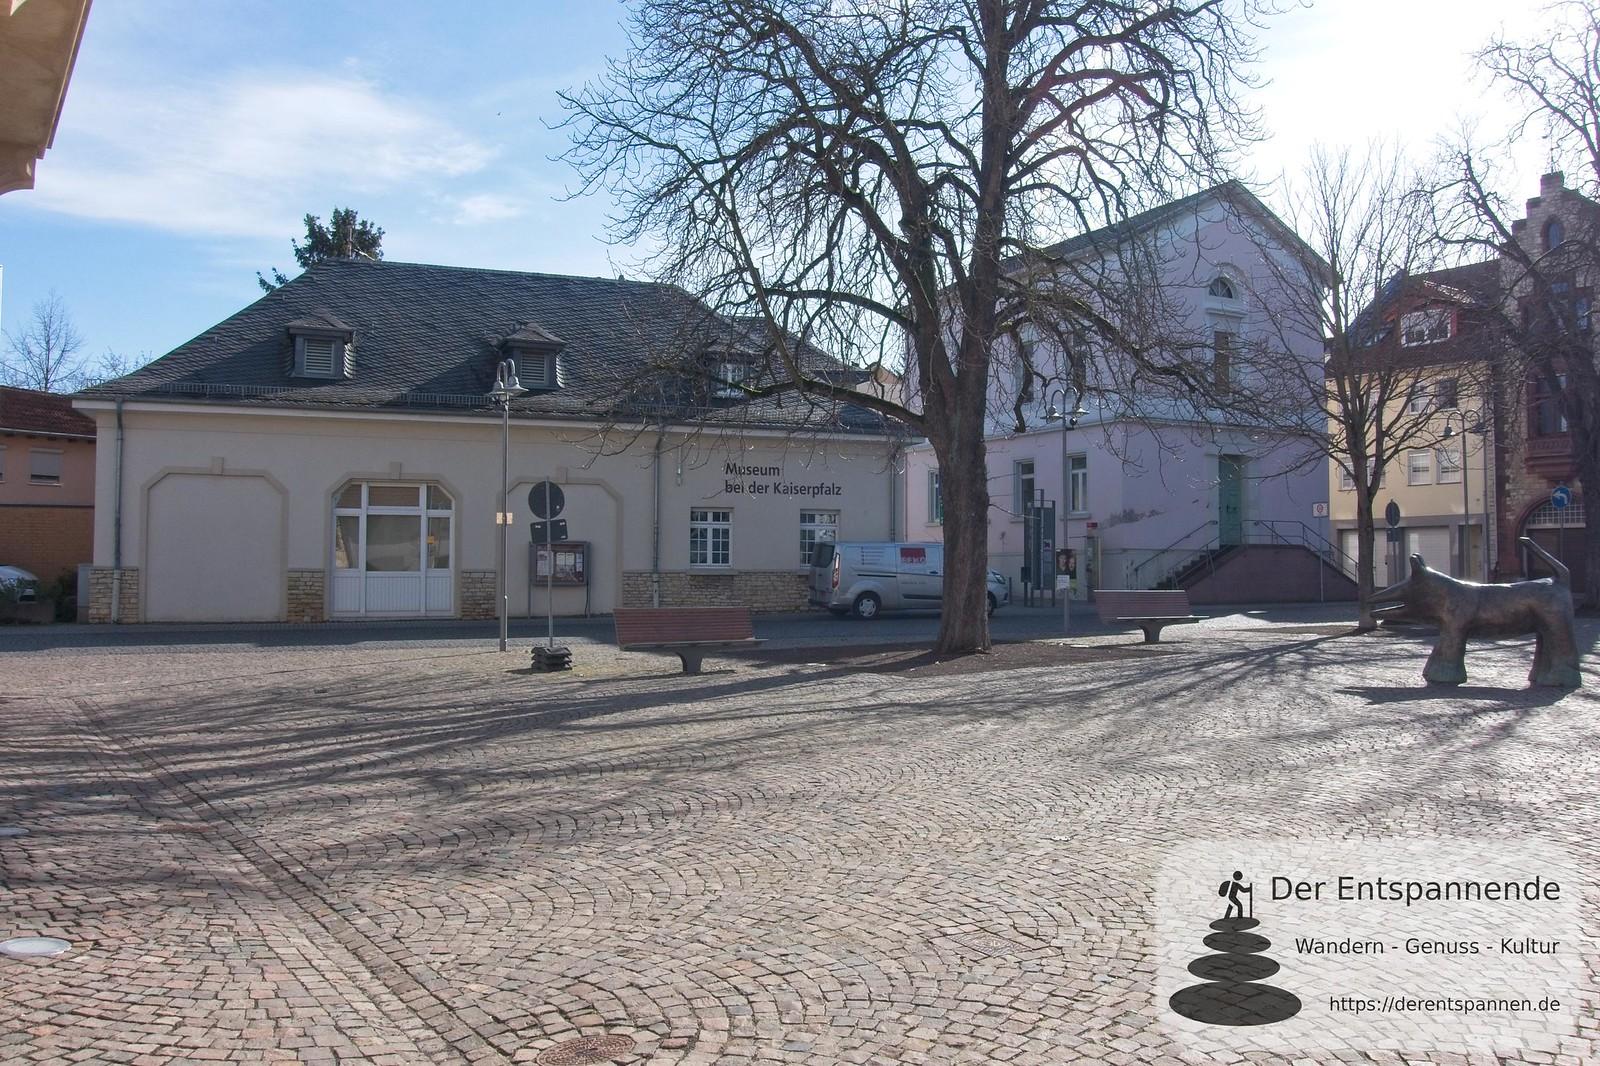 François-Lachenal-Platz: Museum bei der Kaiserpfalz